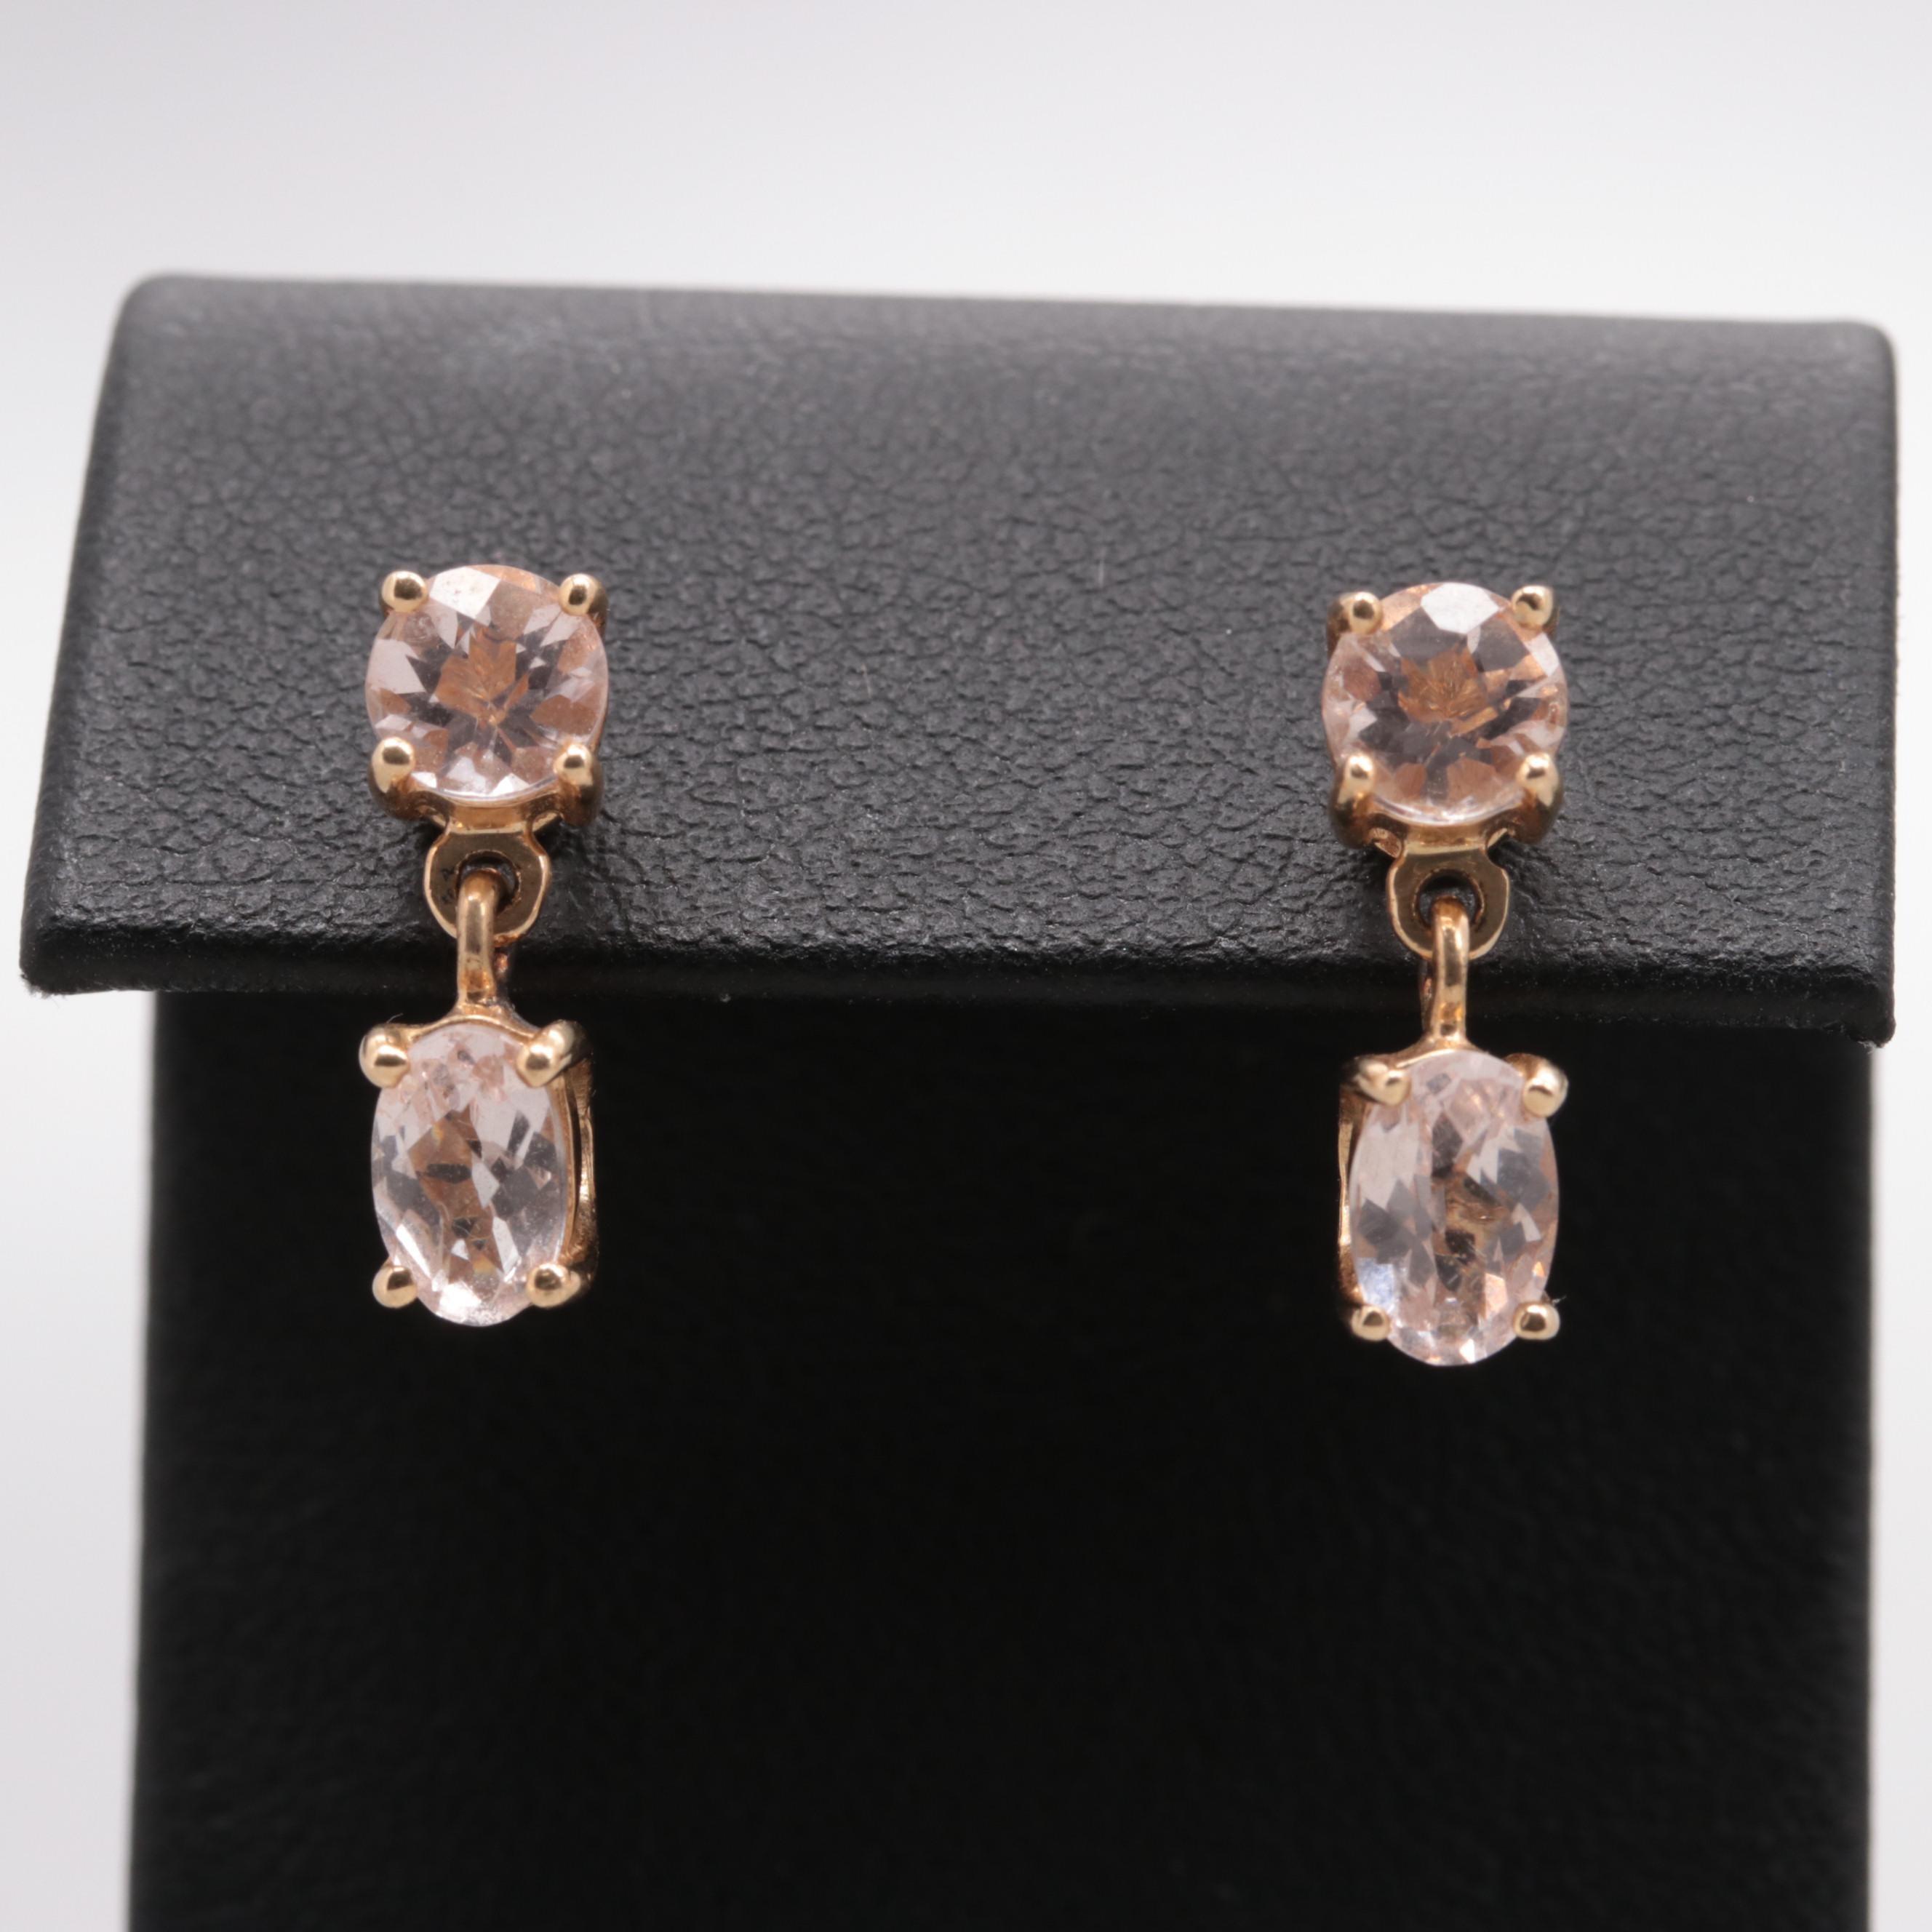 14K Yellow Gold Morganite Earrings